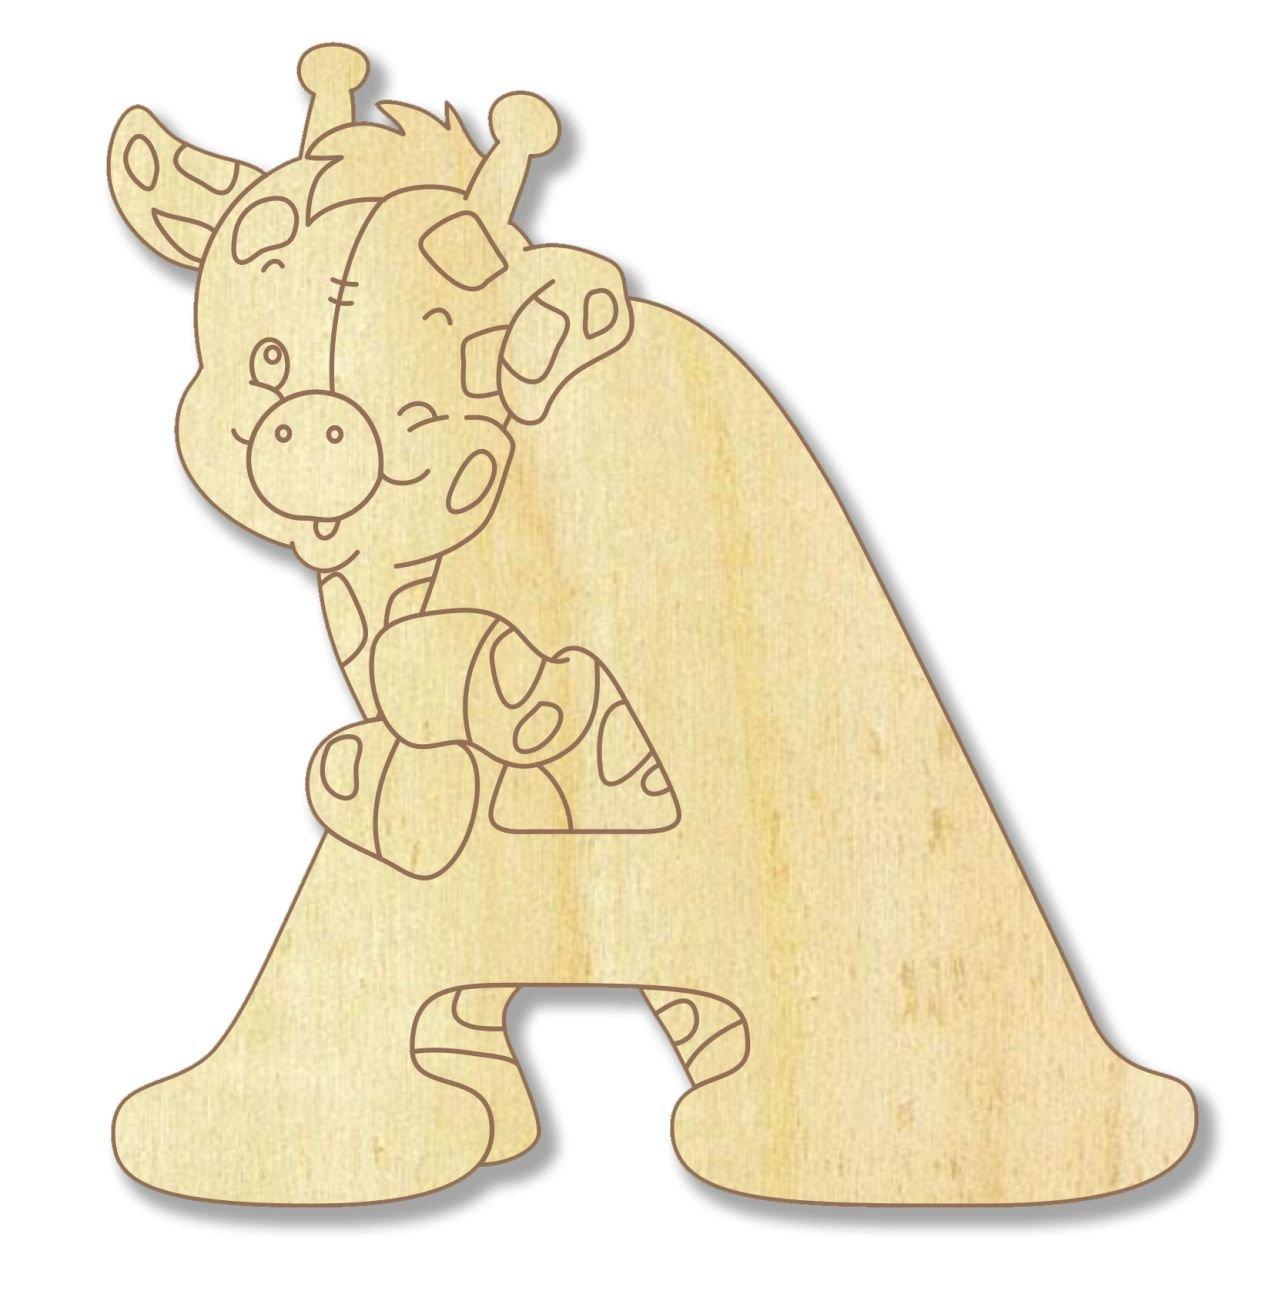 Farbklecks Collection Holzbuchstabe Giraffe A - 10cm Höhe - Buchstabentiere - Holzbuchstaben - Holz-Buchstabe